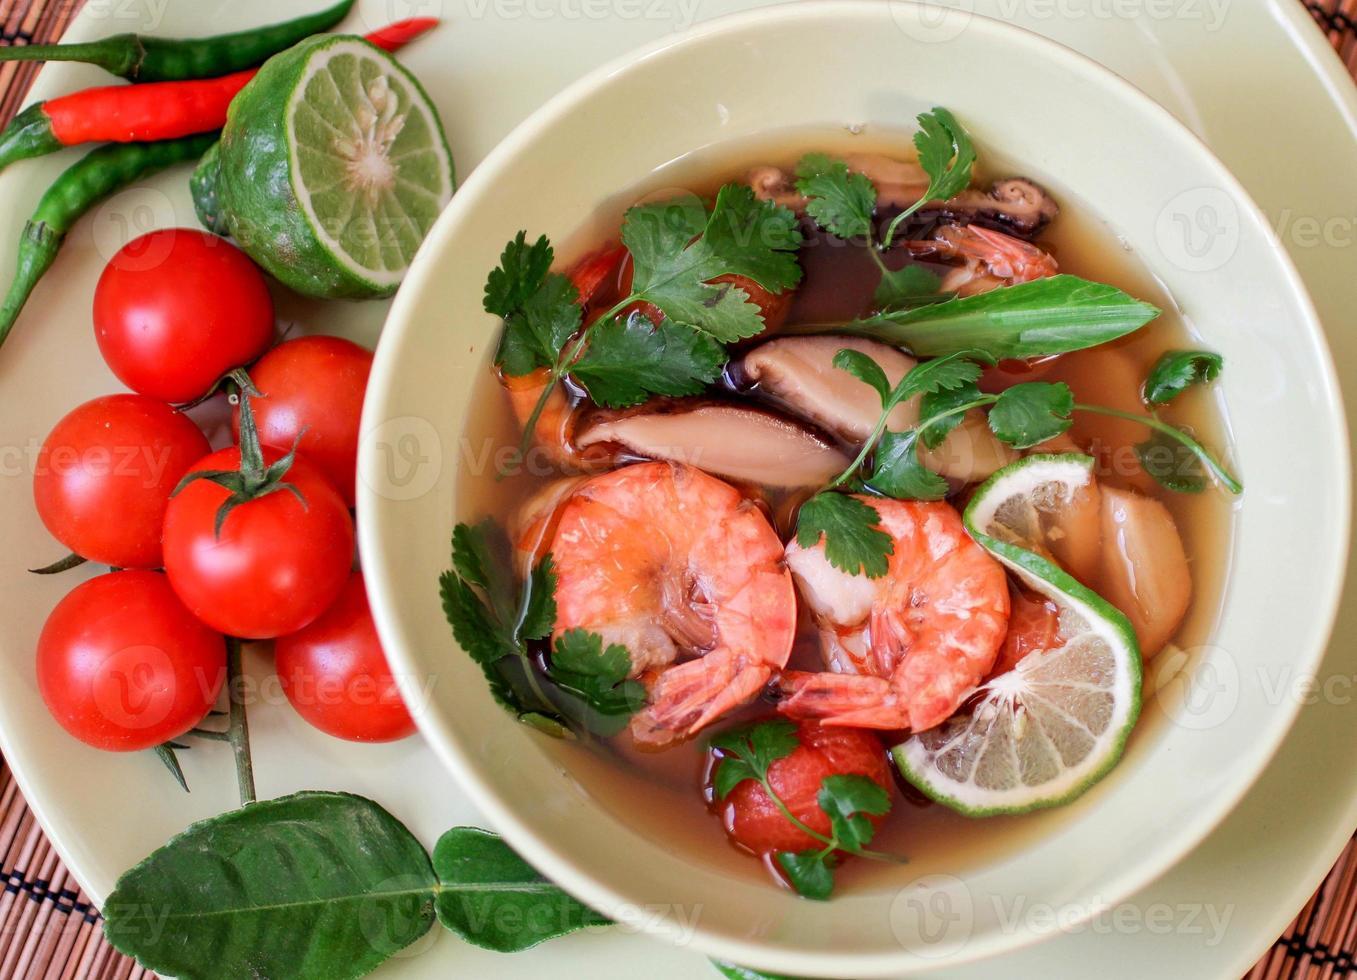 soupe tom yam thaï épicée traditionnelle photo